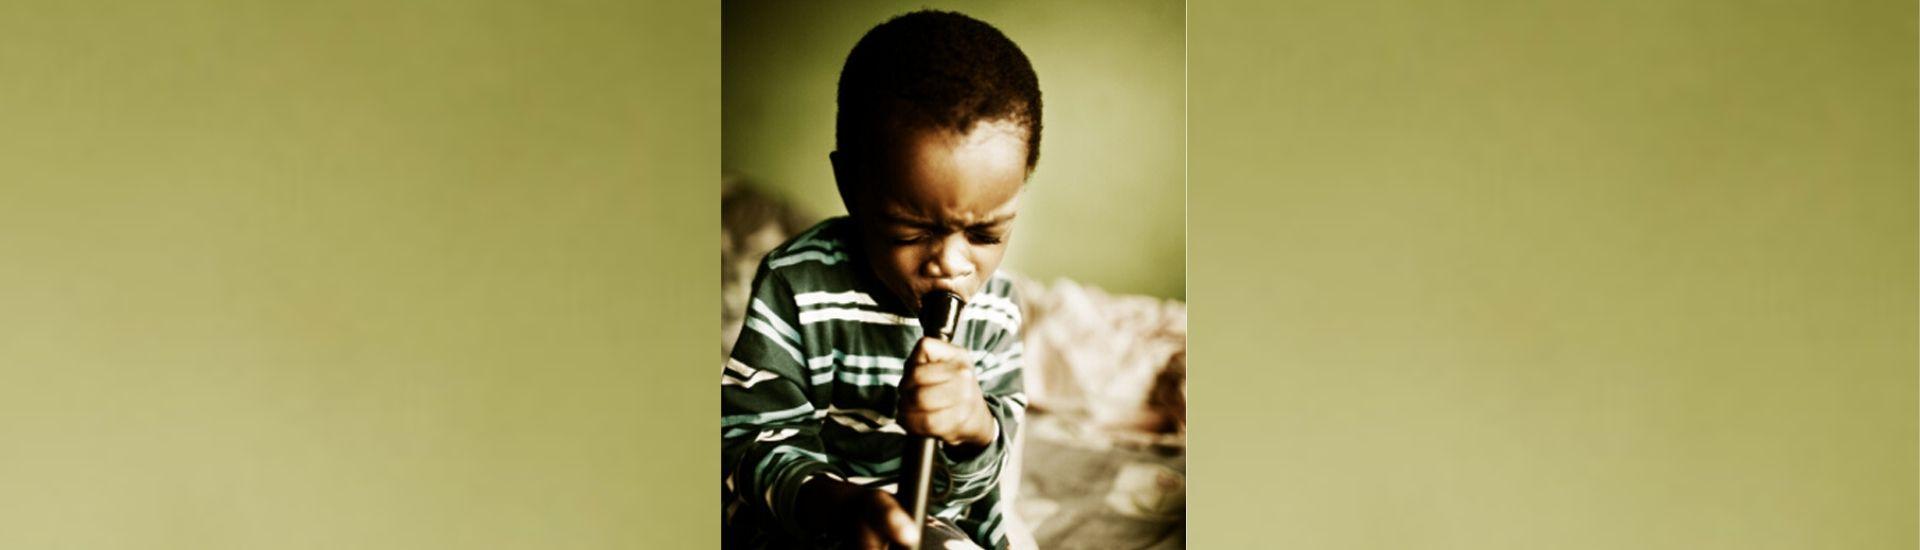 MINSILI ZANGA - Dialogue mère-fils (photo à titre d'illustration uniquement /DR)